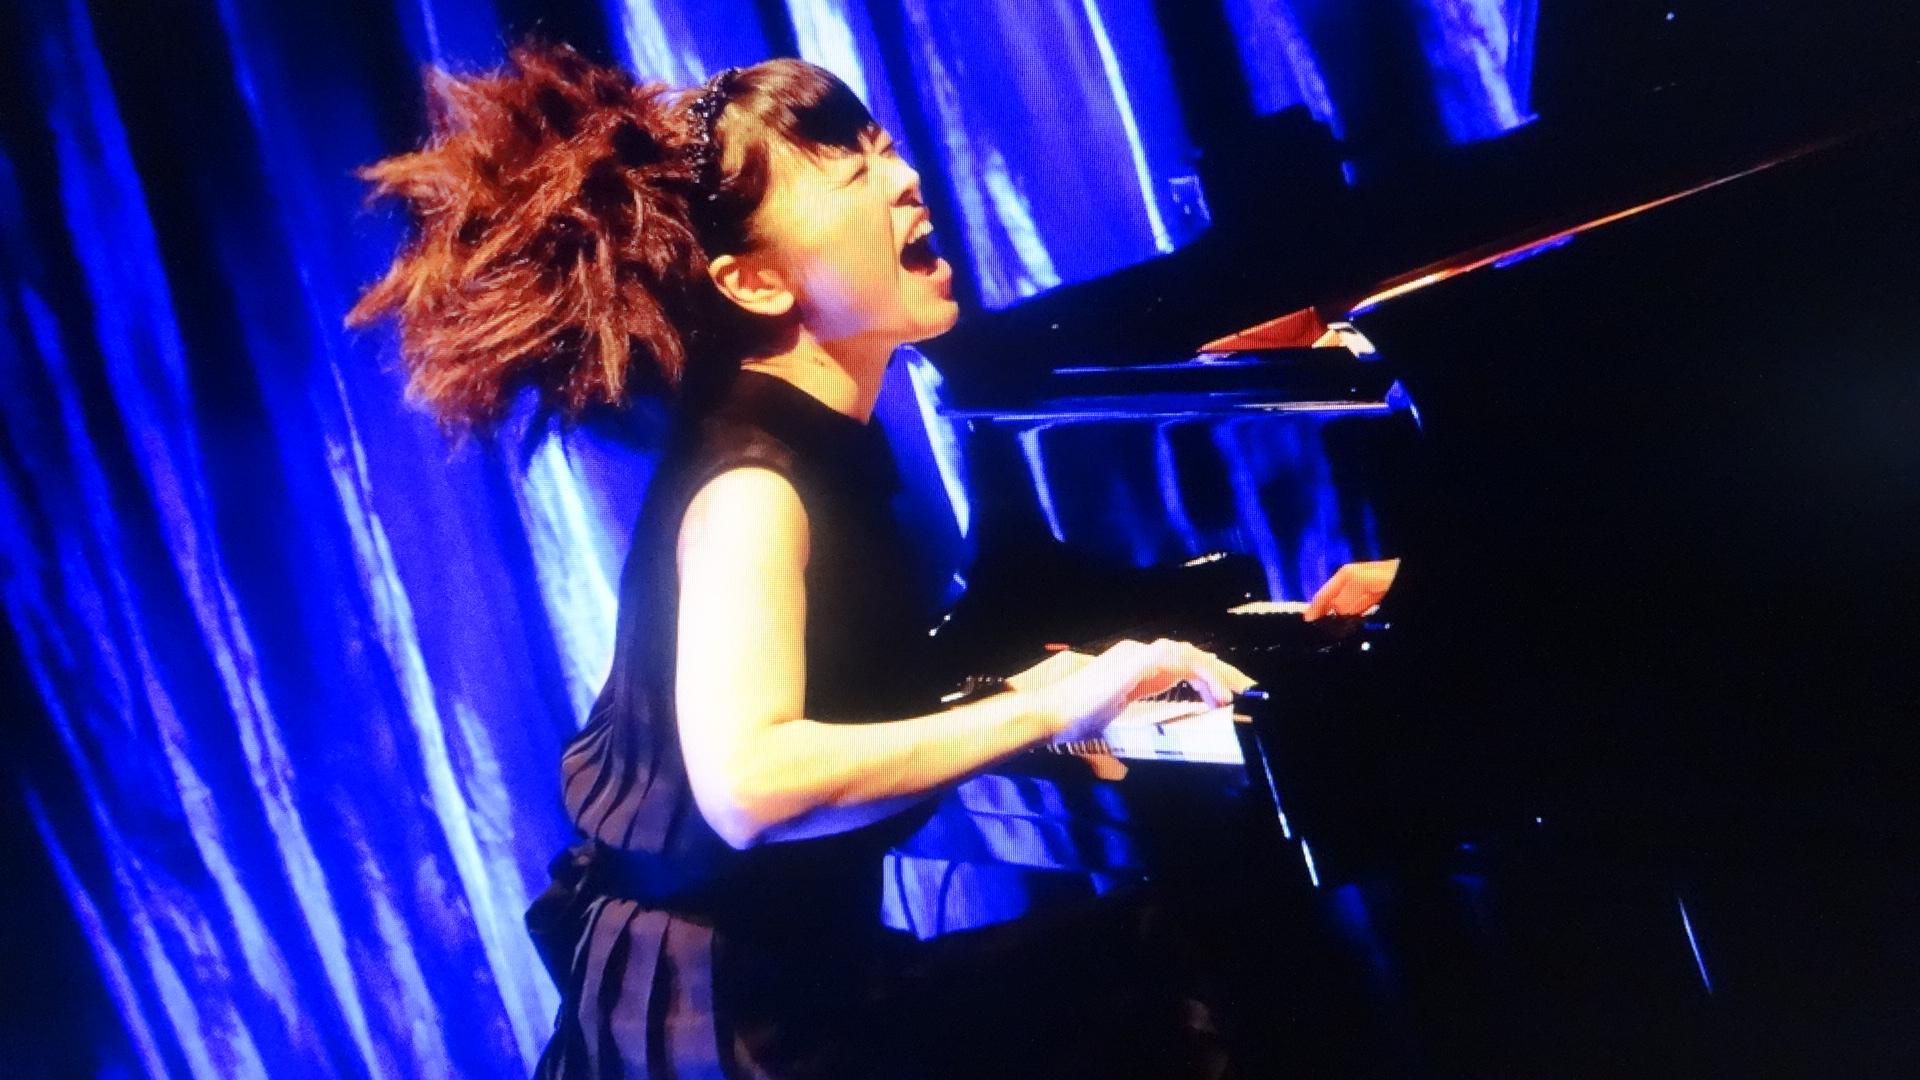 ピアノと格闘している雰囲気のHIROMI